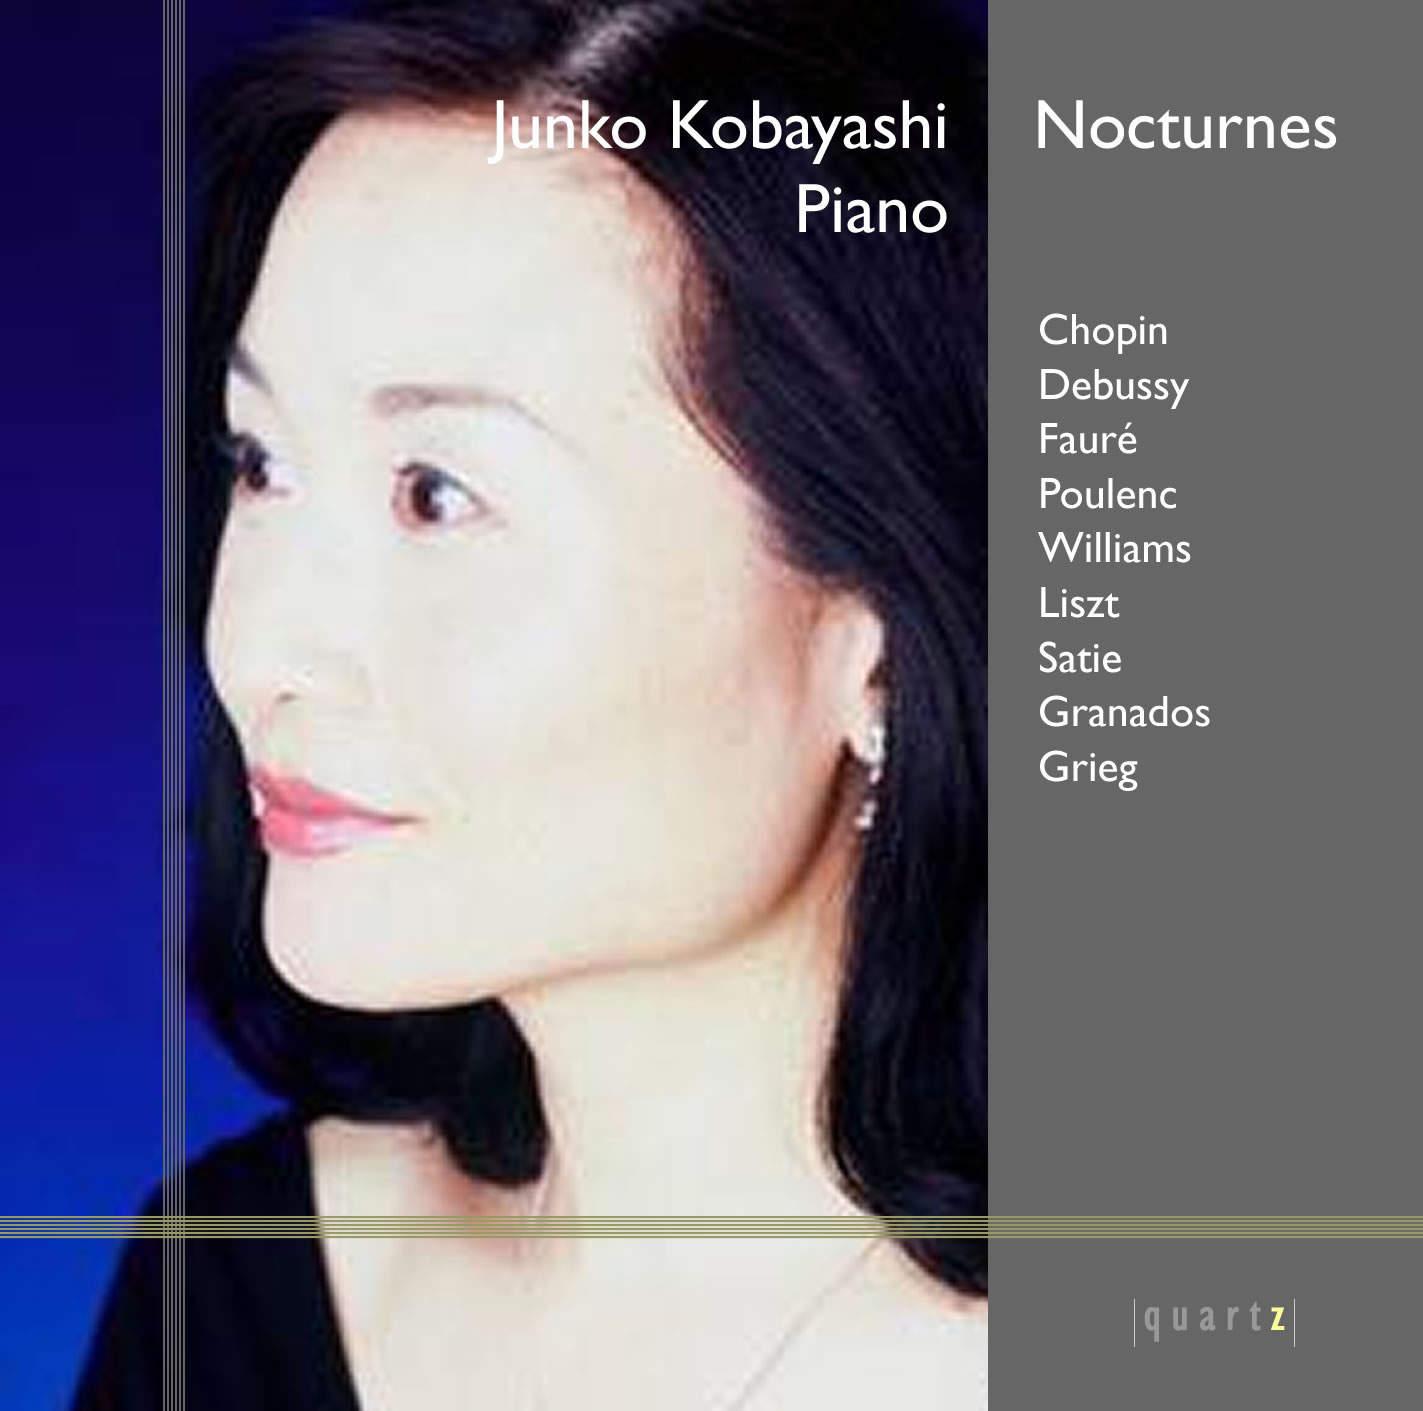 Junko Kobayashi (piano)